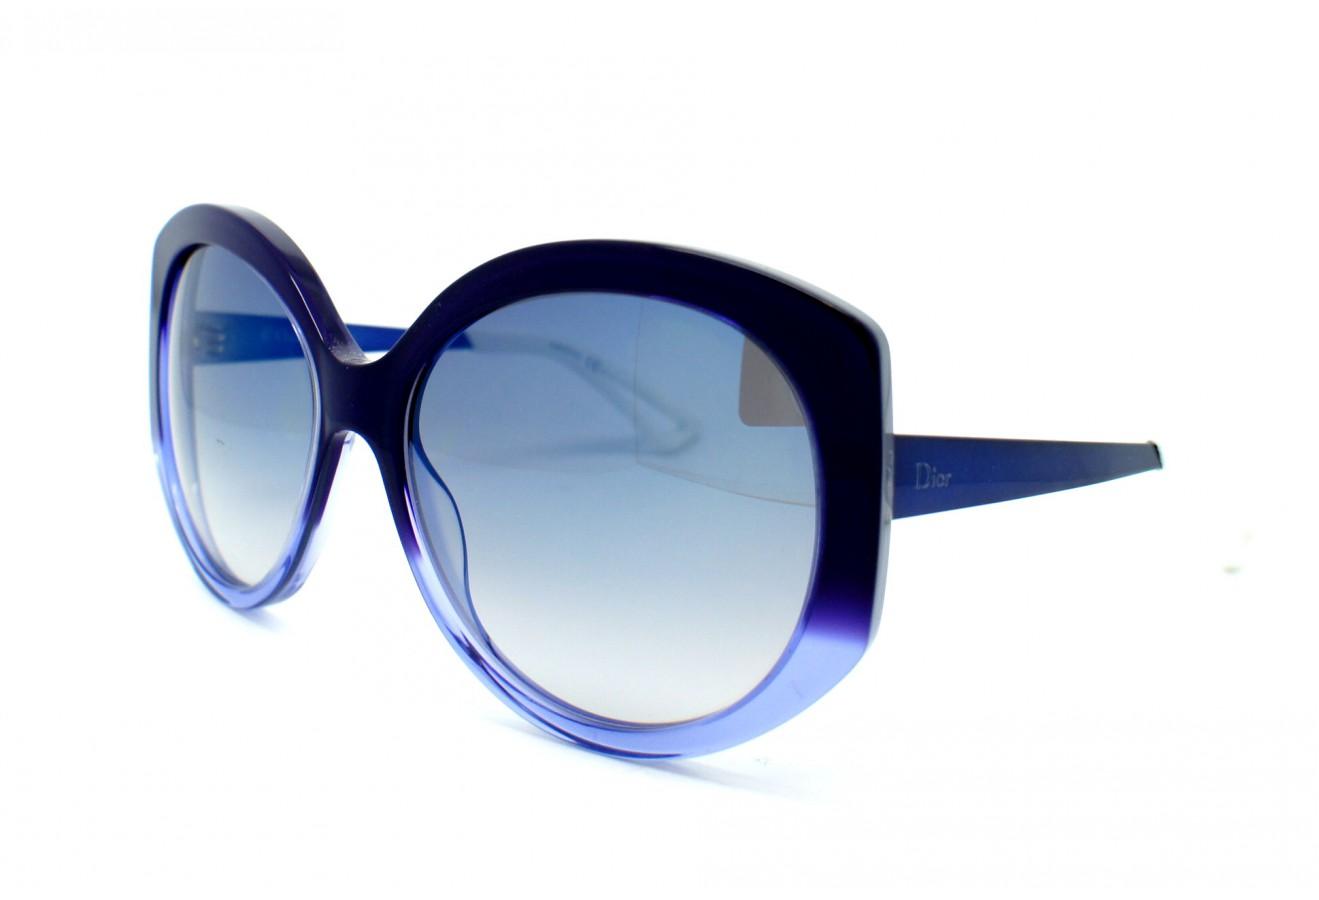 lunettes de soleil dior dior extase 1 kw7 uu 58 17. Black Bedroom Furniture Sets. Home Design Ideas